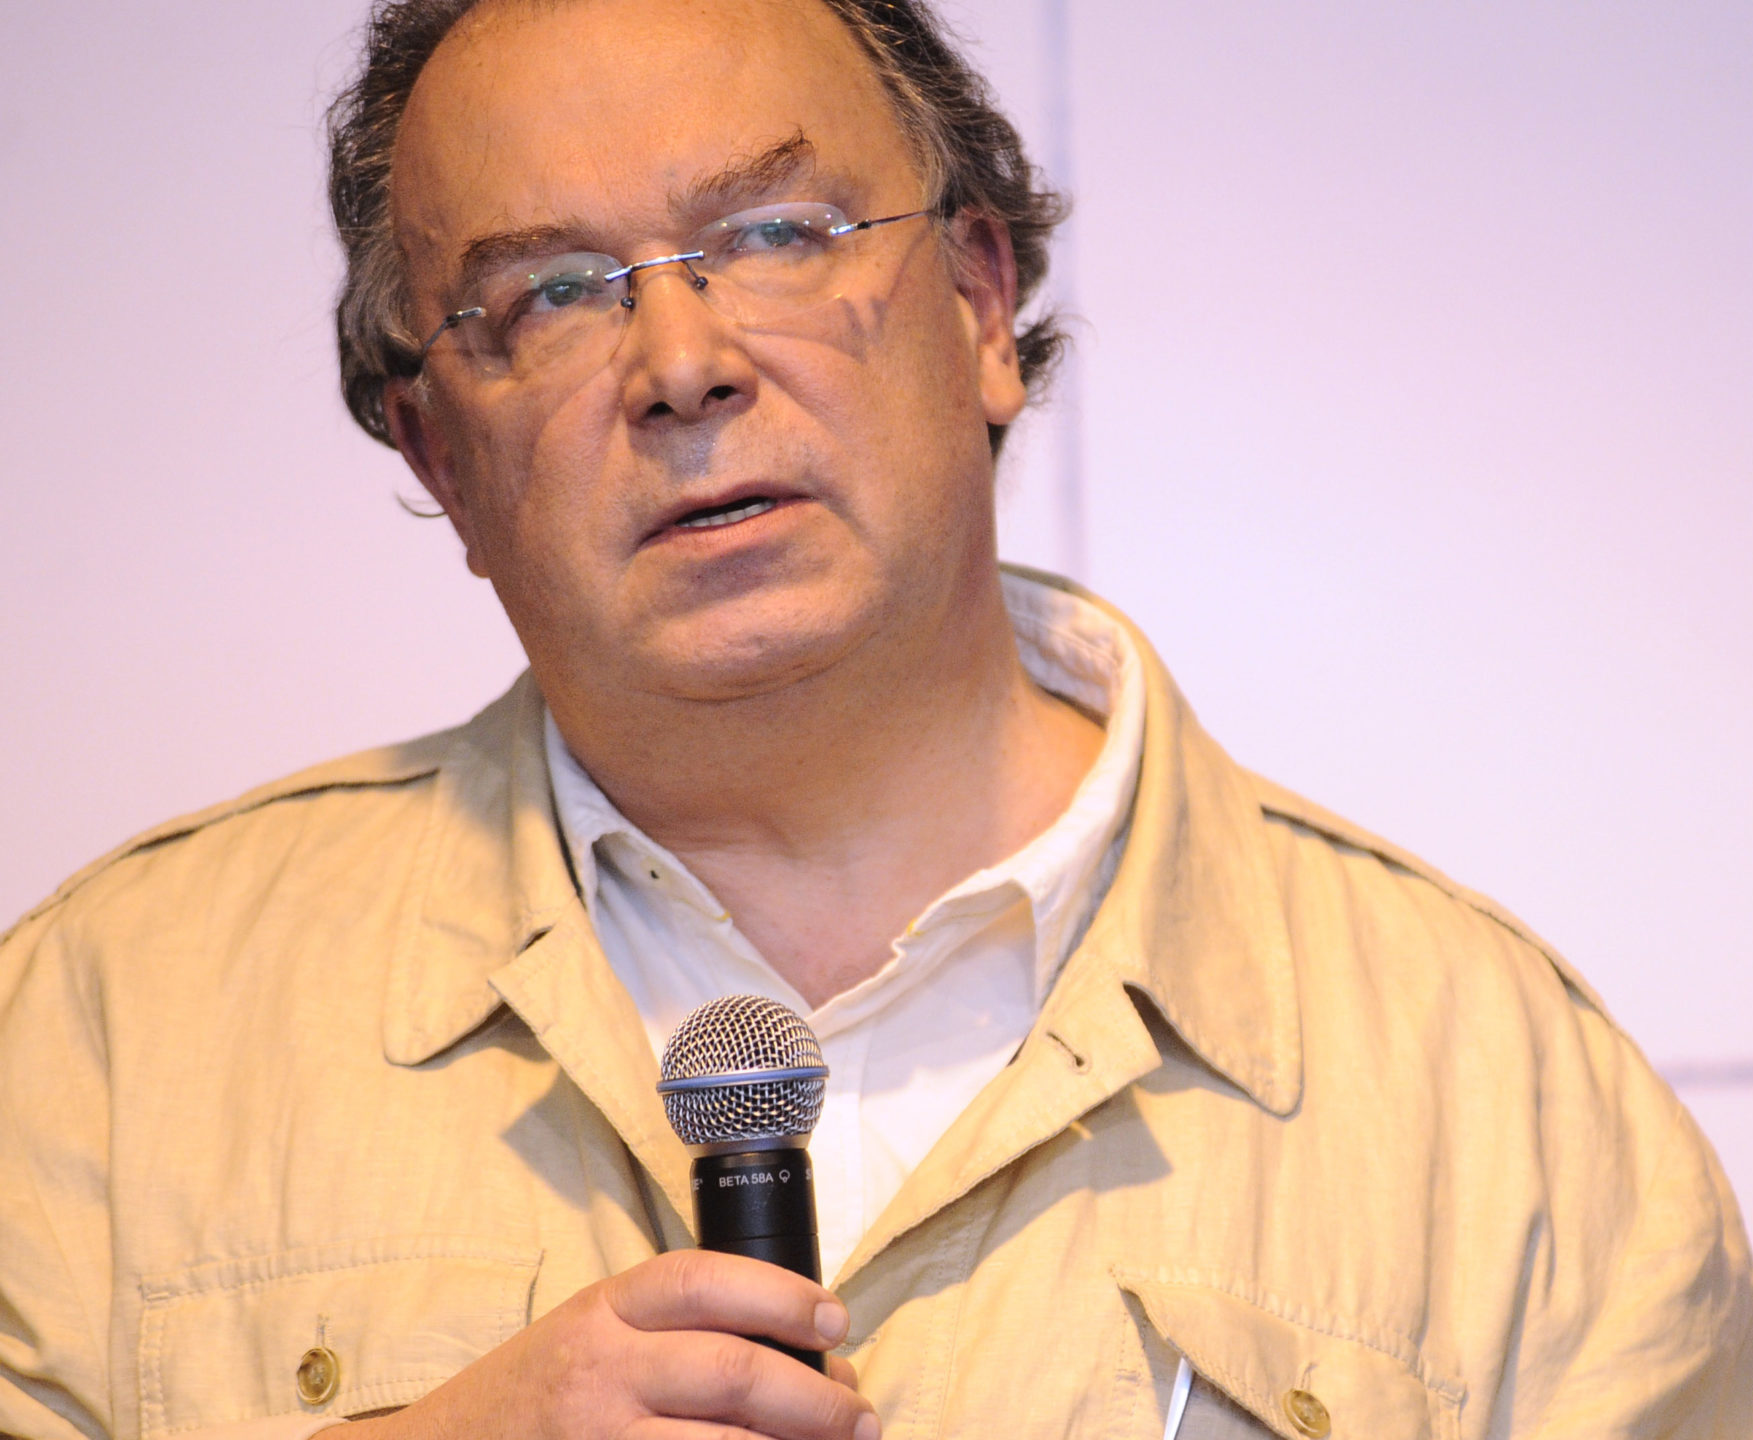 Lech Majewski, Nagroda im. prezydenta Lecha Kaczyńskiego